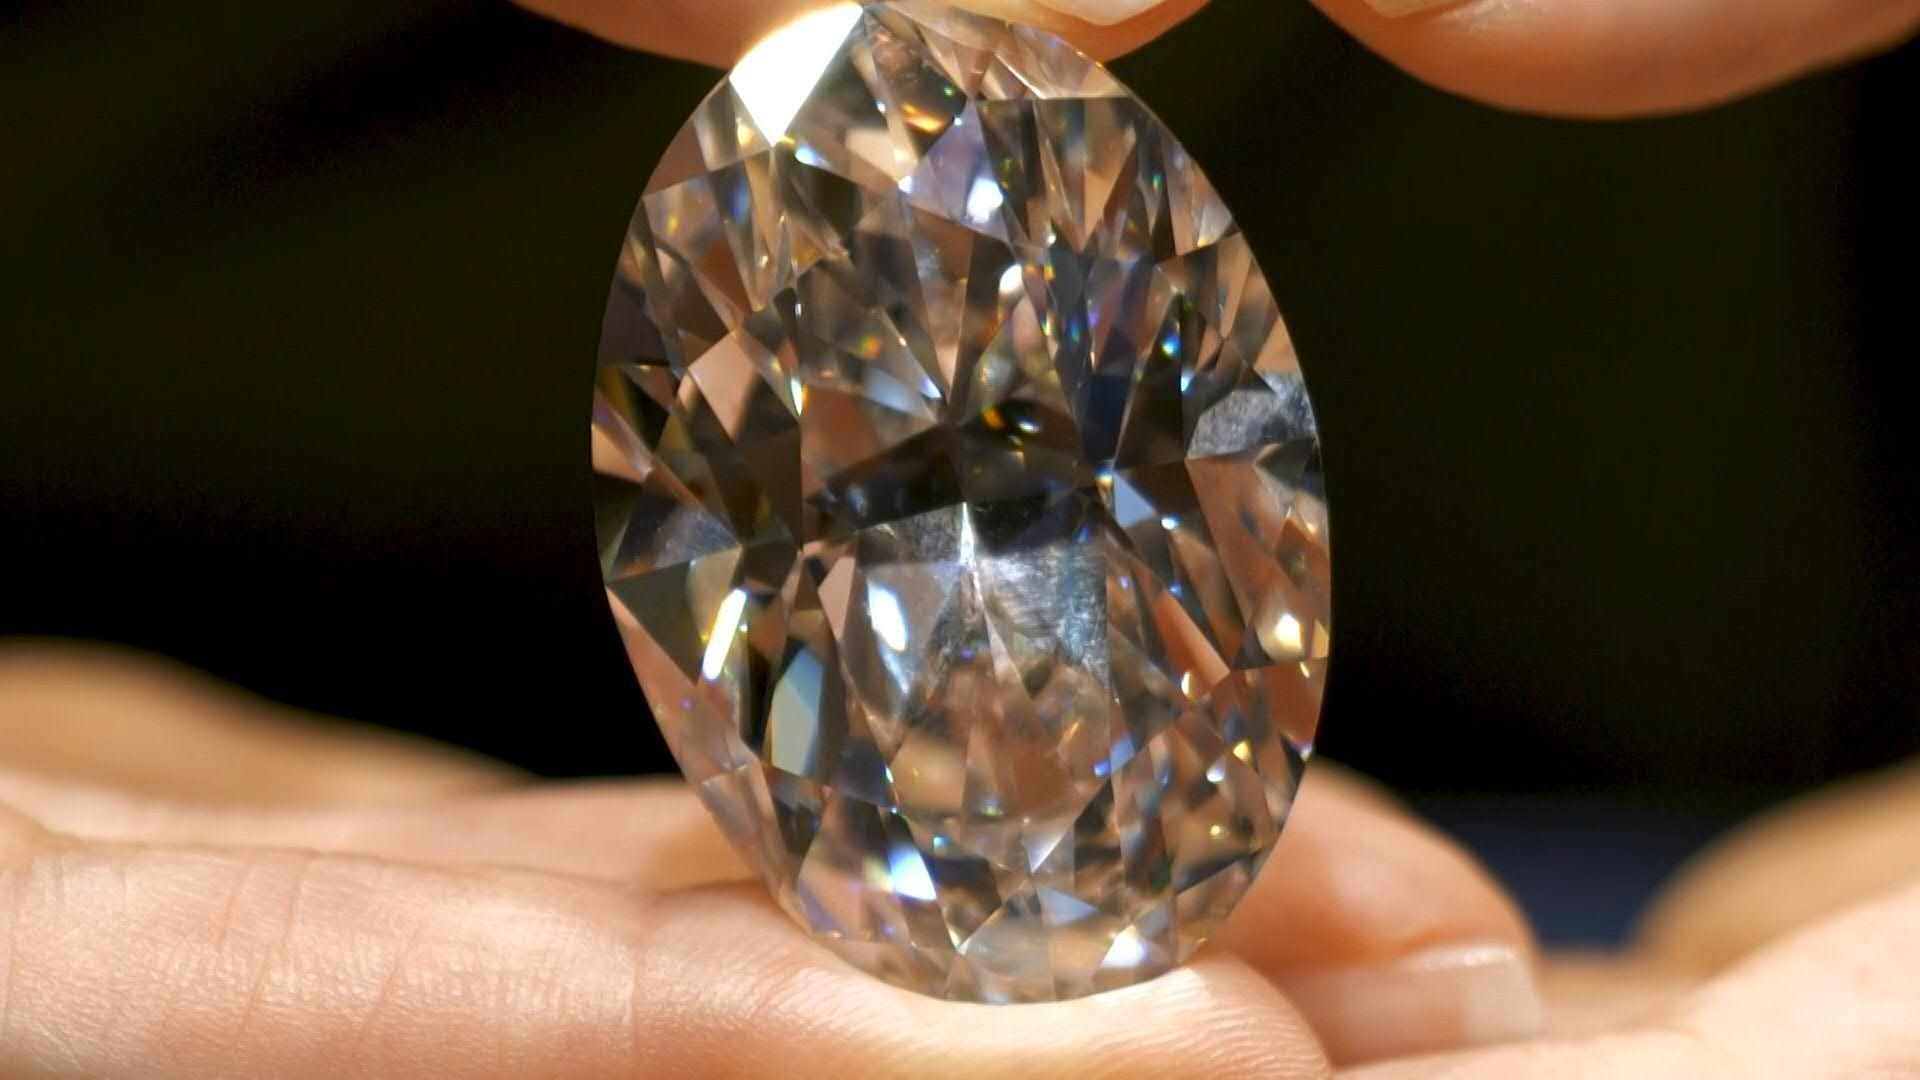 Cận cảnh viên kim cương quí hiếm được bán với giá 15,7 triệu USD - Ảnh 2.